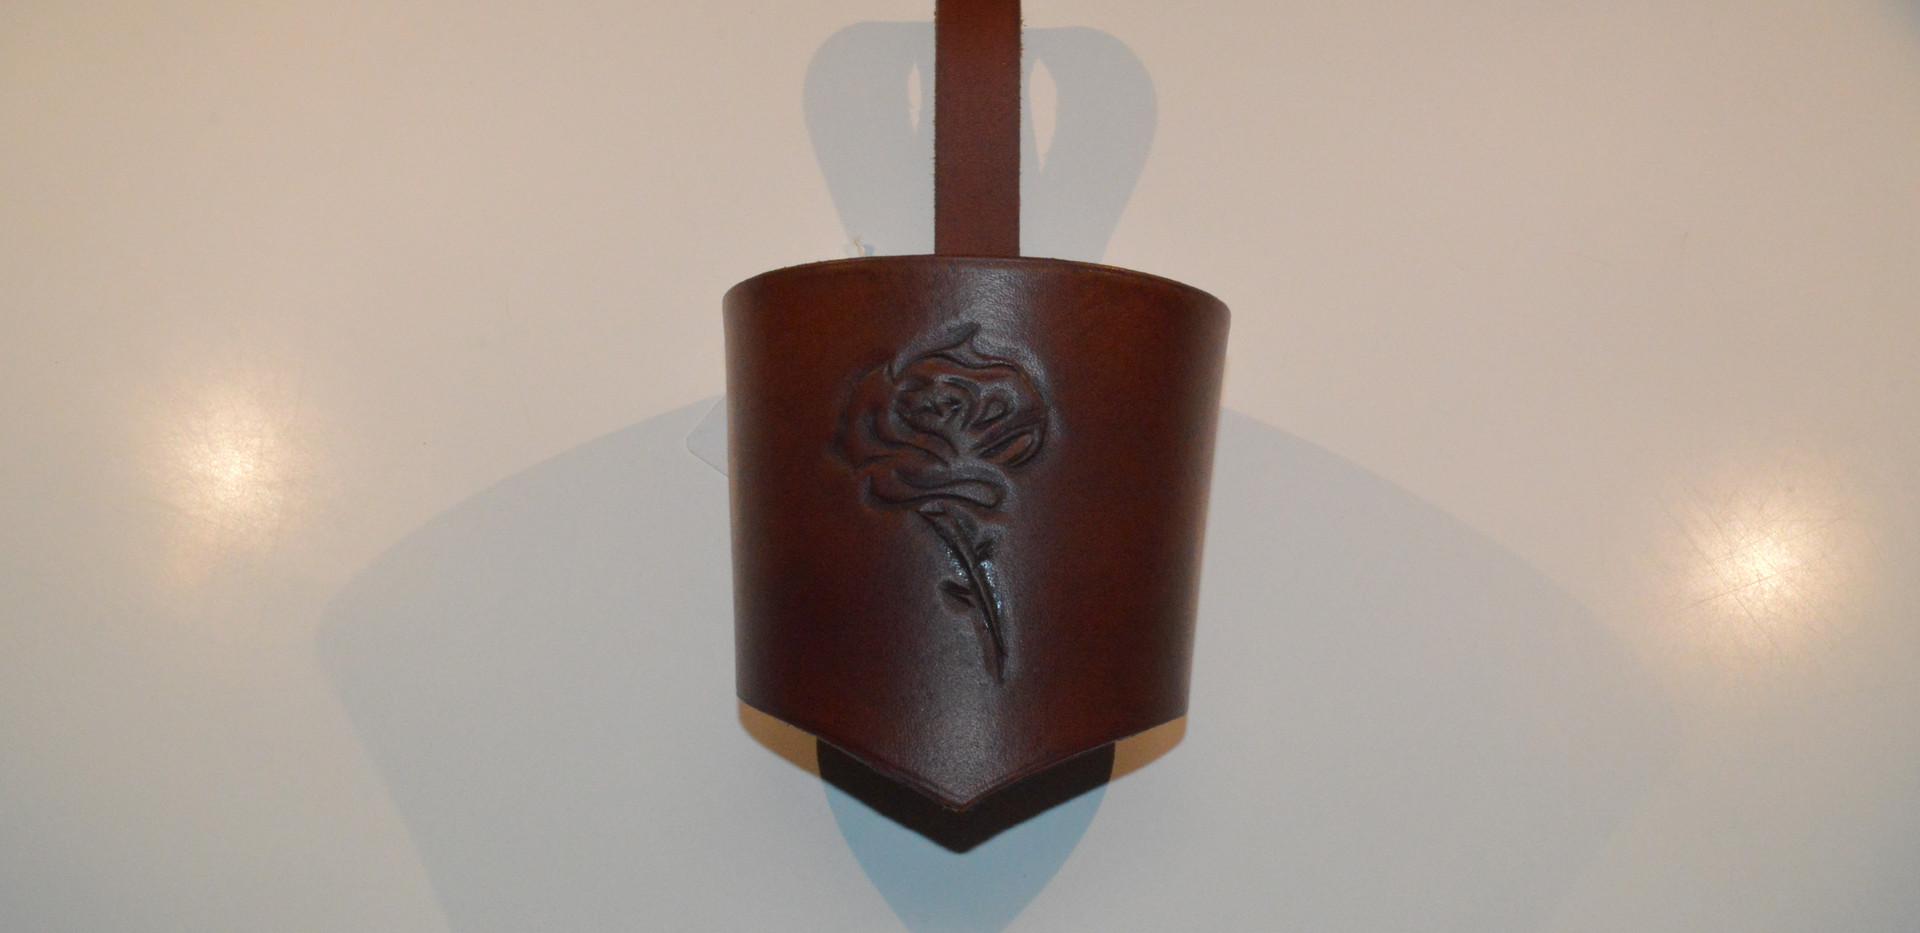 Porte-gobelet en cuir avec un repoussage de rose brun clair